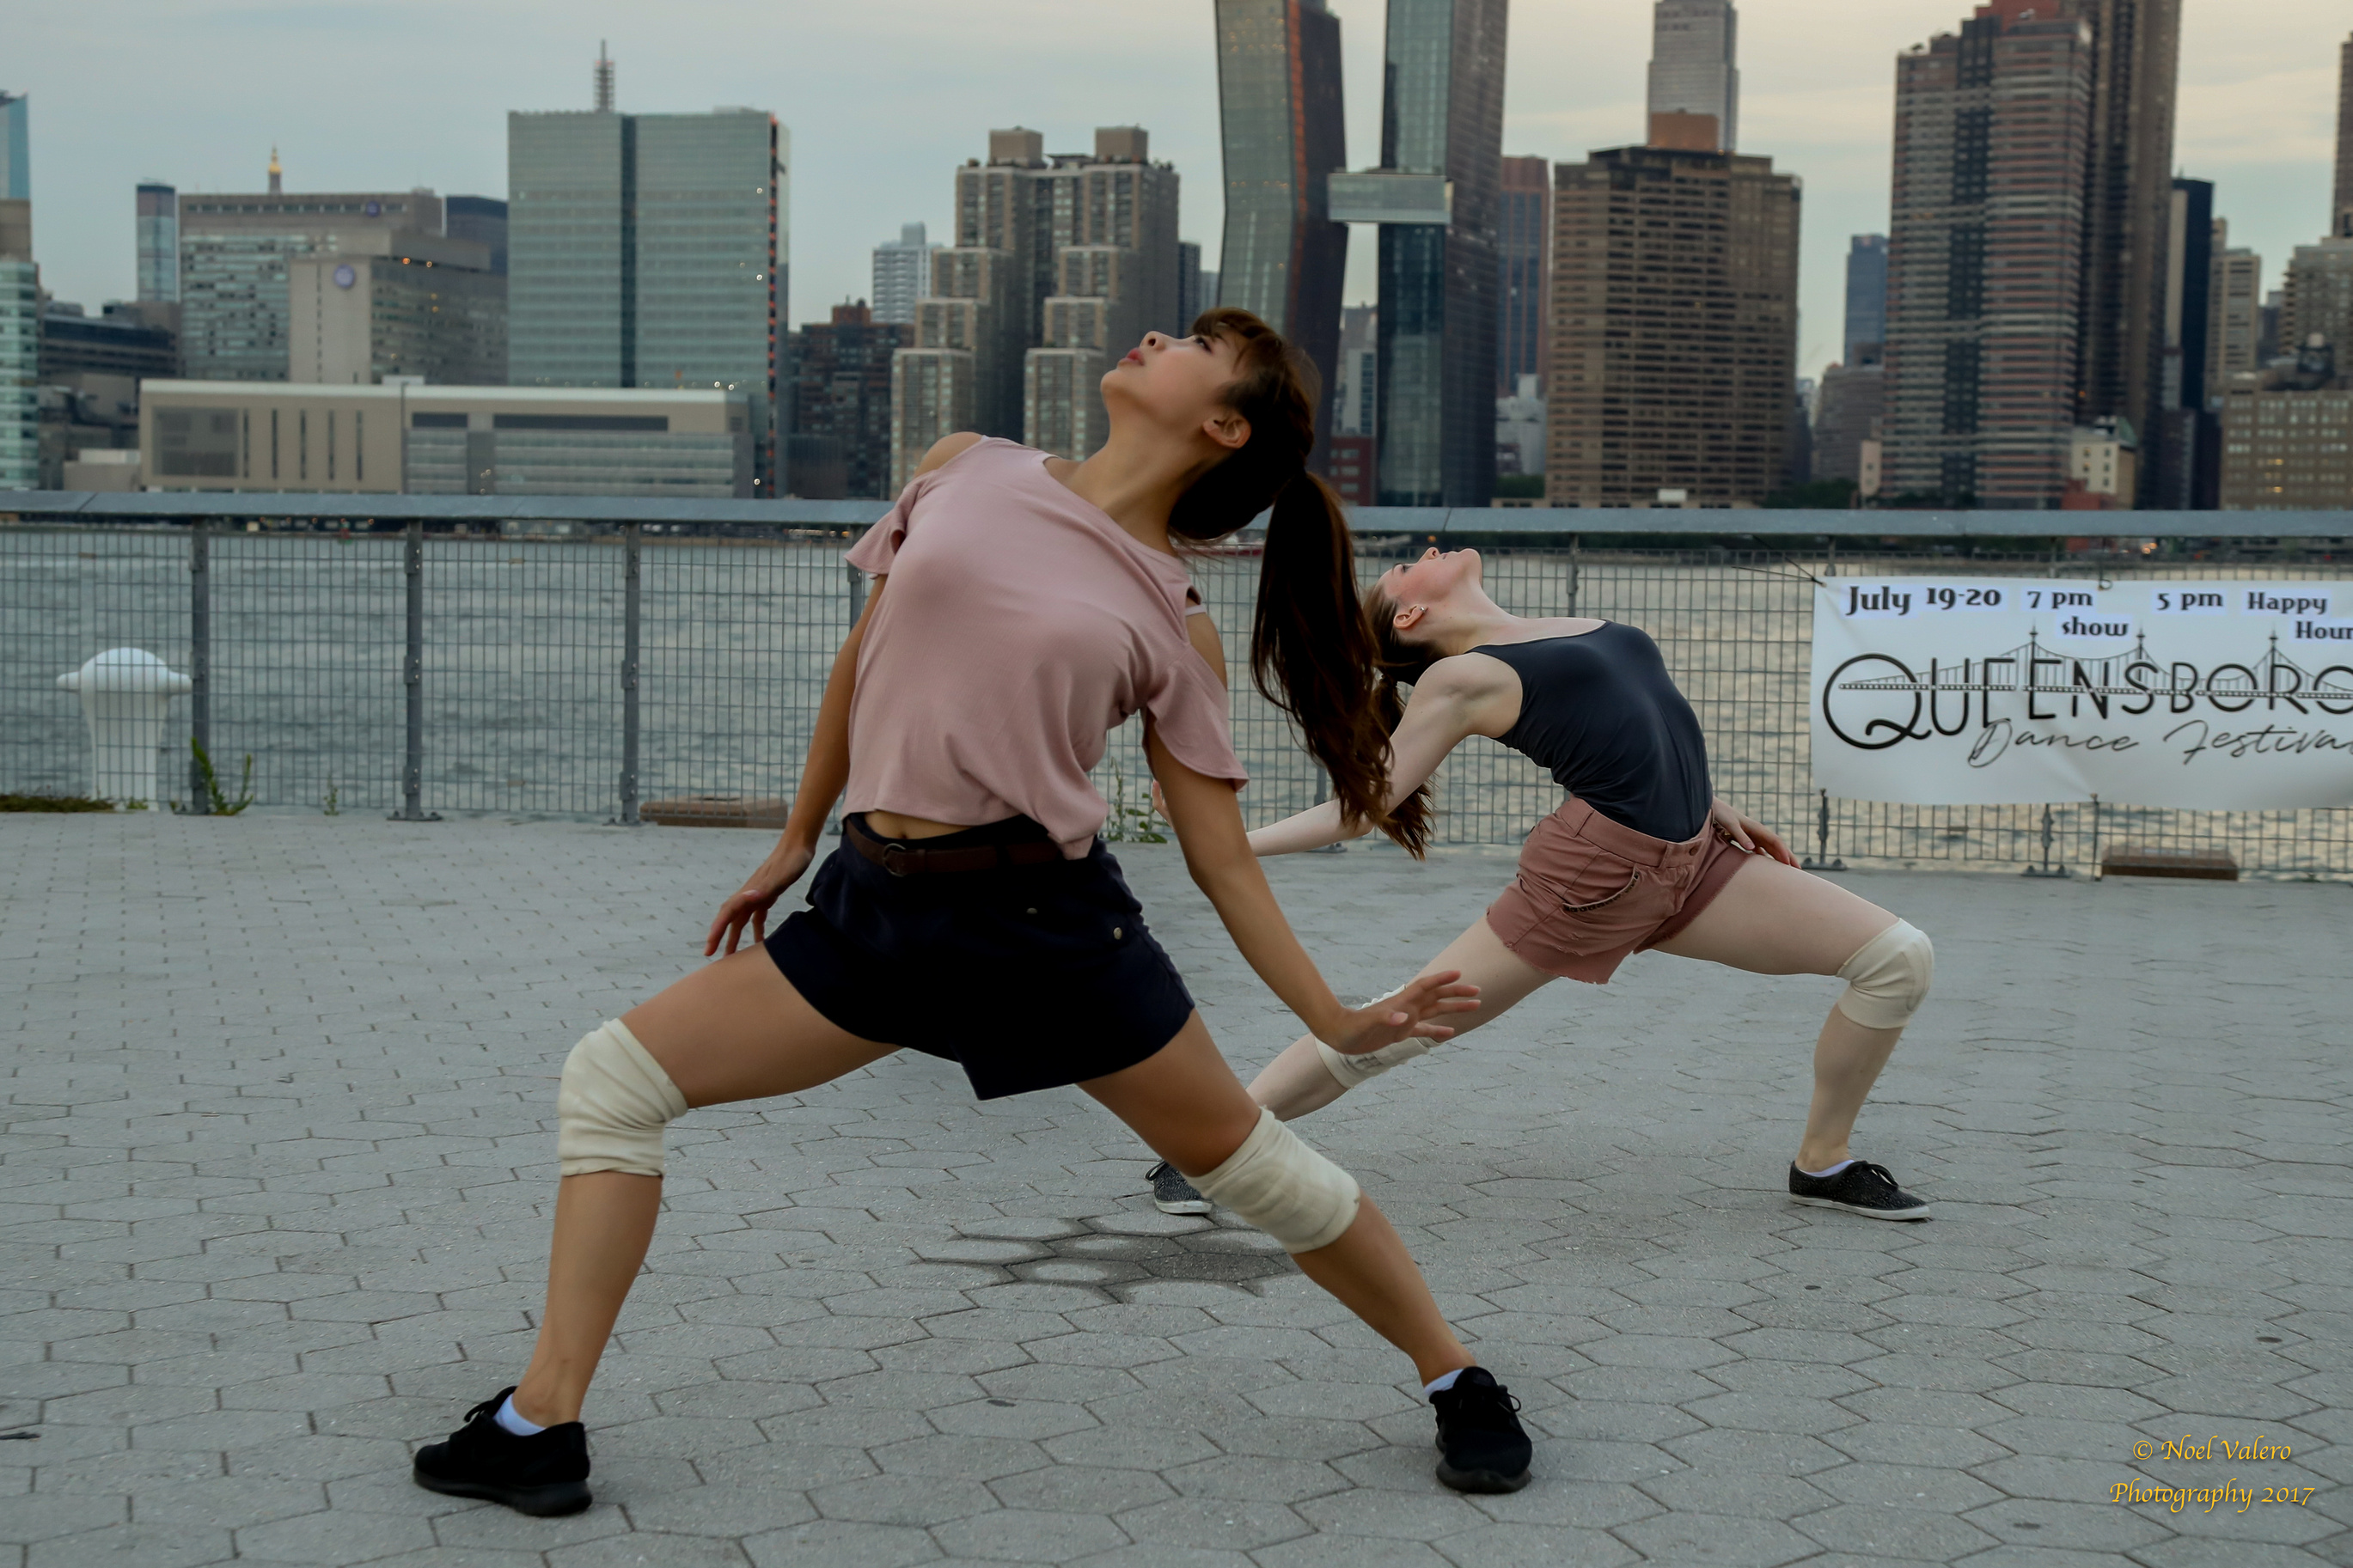 NSquared Dance